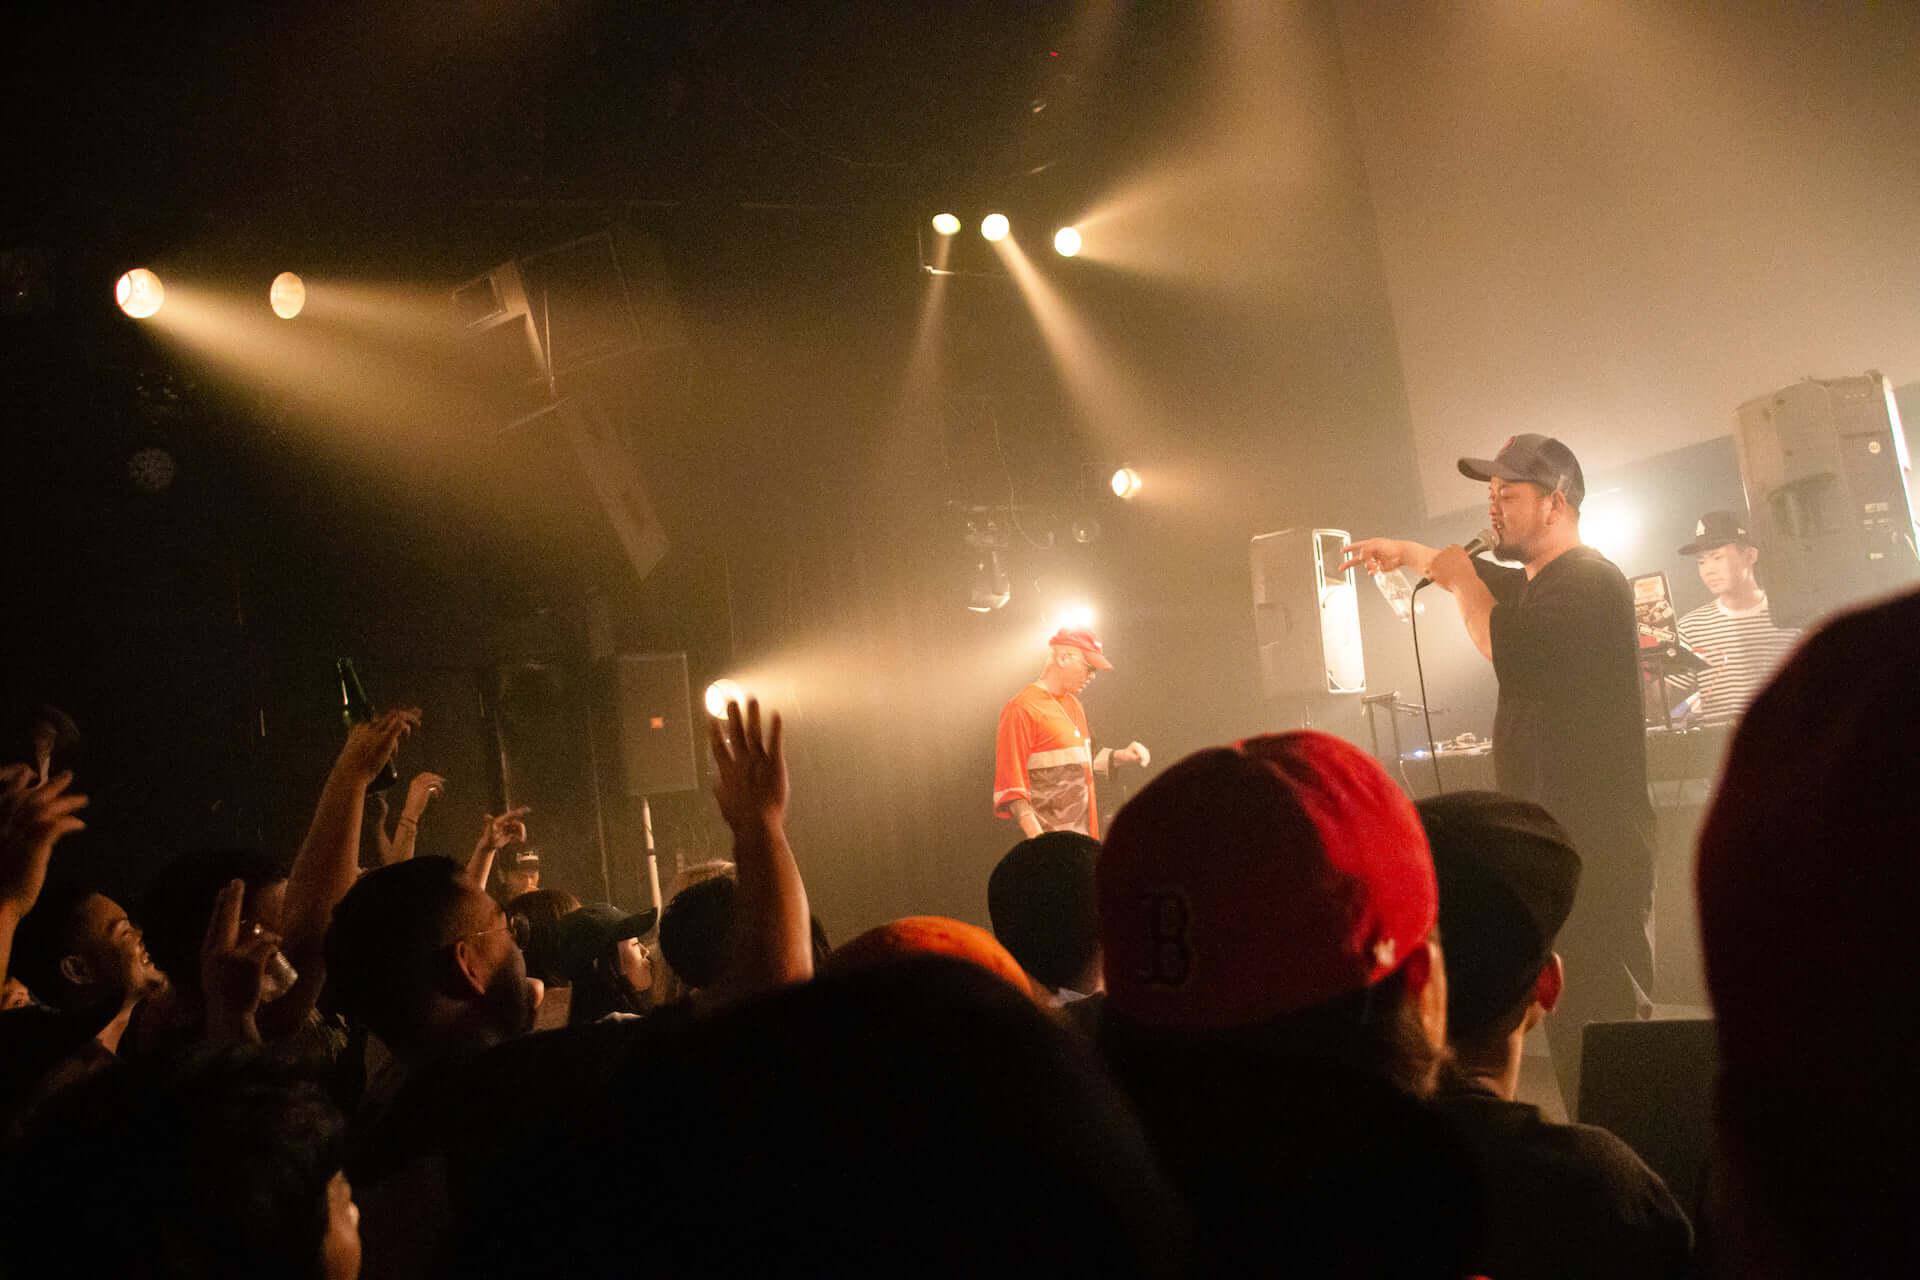 【レポート】BUPPON&¥ellow Bucksダブルリリースパーティー<Bla9 Marke2>で見えたヒップホップ・シーンの胎動 music190805_bla9marke2_3.jpg-1920x1280